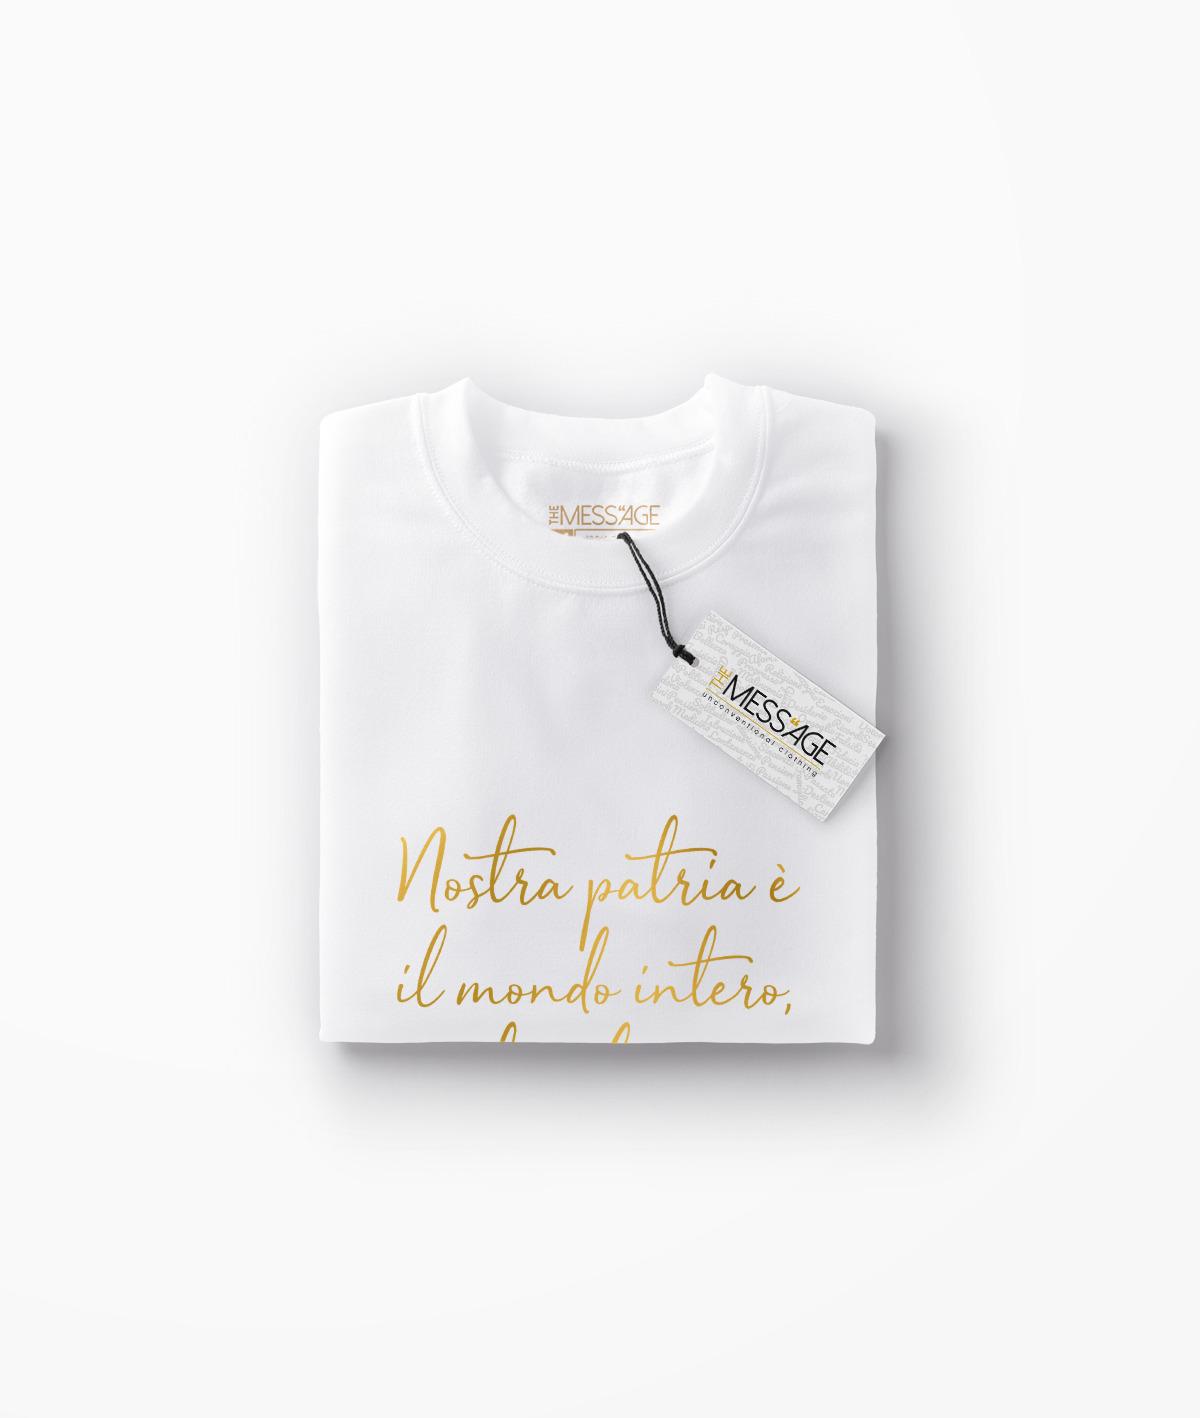 Nostra patria è il mondo intero – Pietro Gori T-Shirt